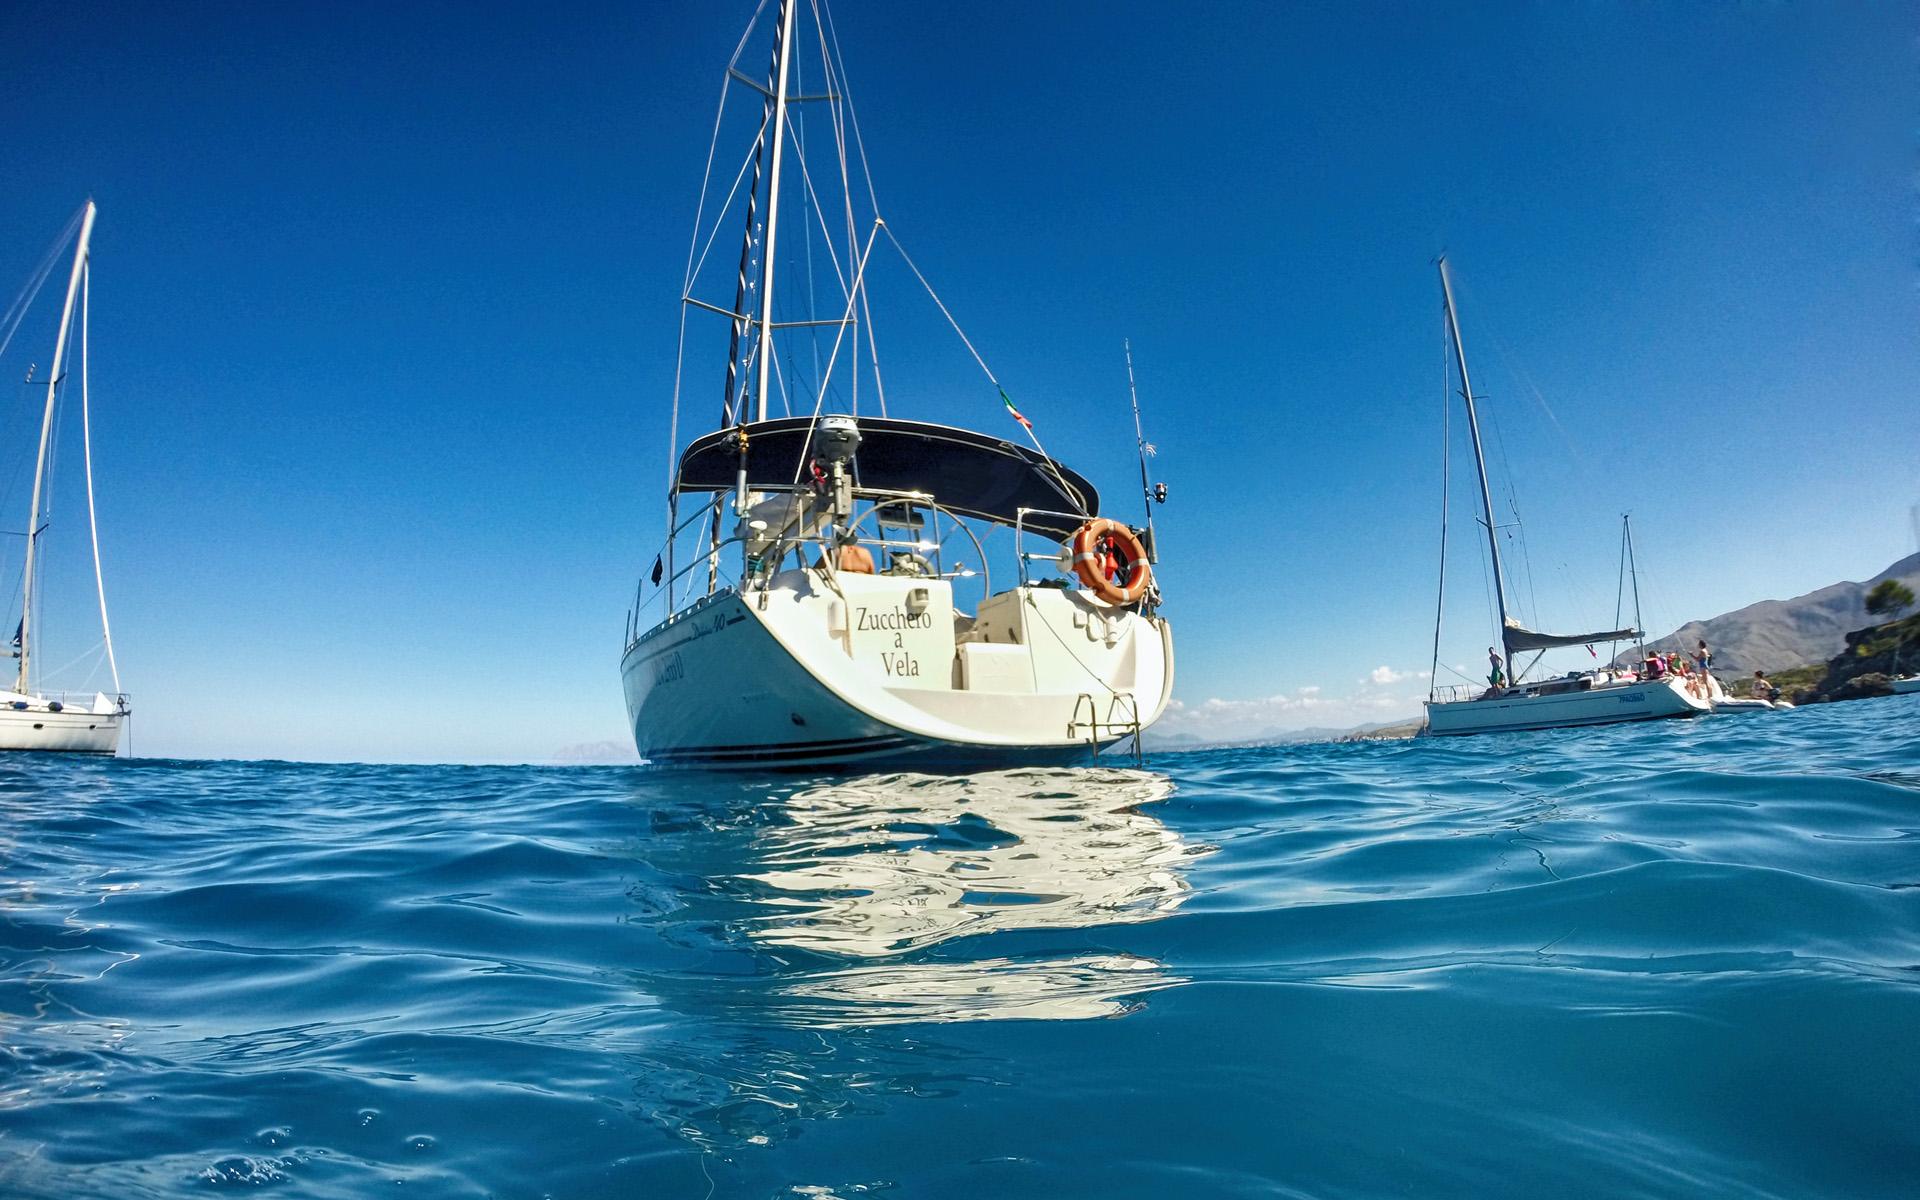 Settimana in barca a vela San Vito lo Capo